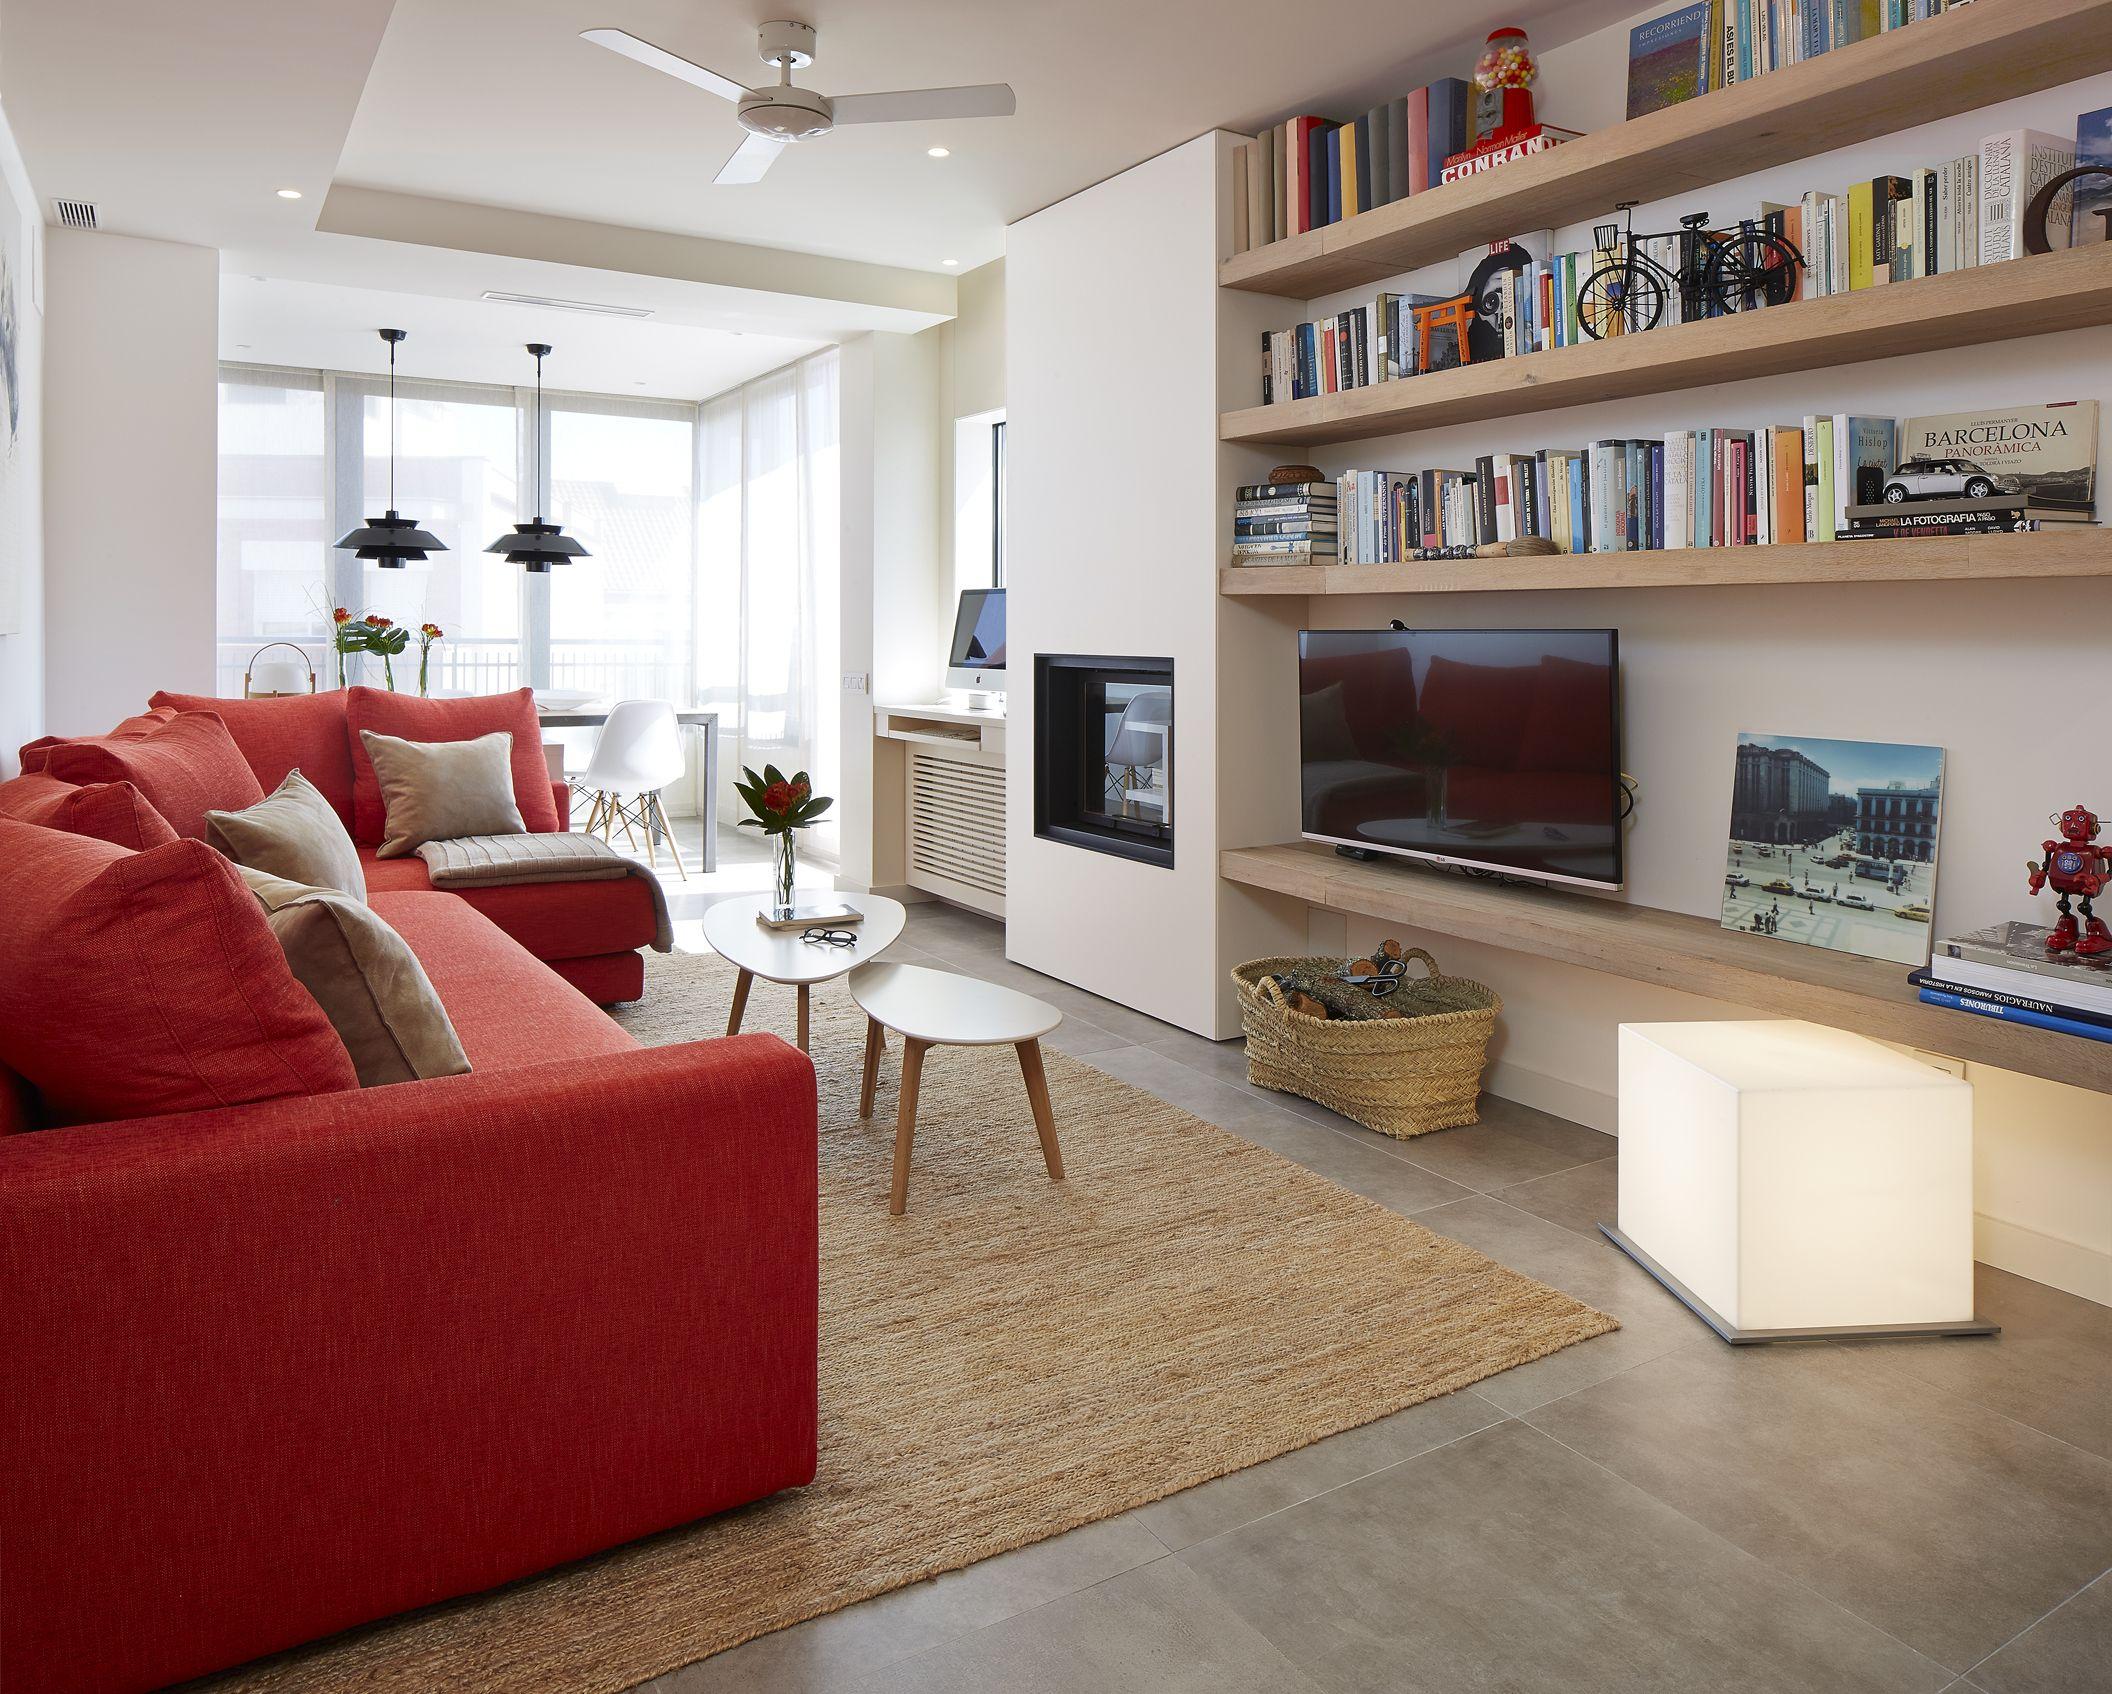 Foto sala con planta alargada repisas a la medida y sof - Poner chimenea en un piso ...